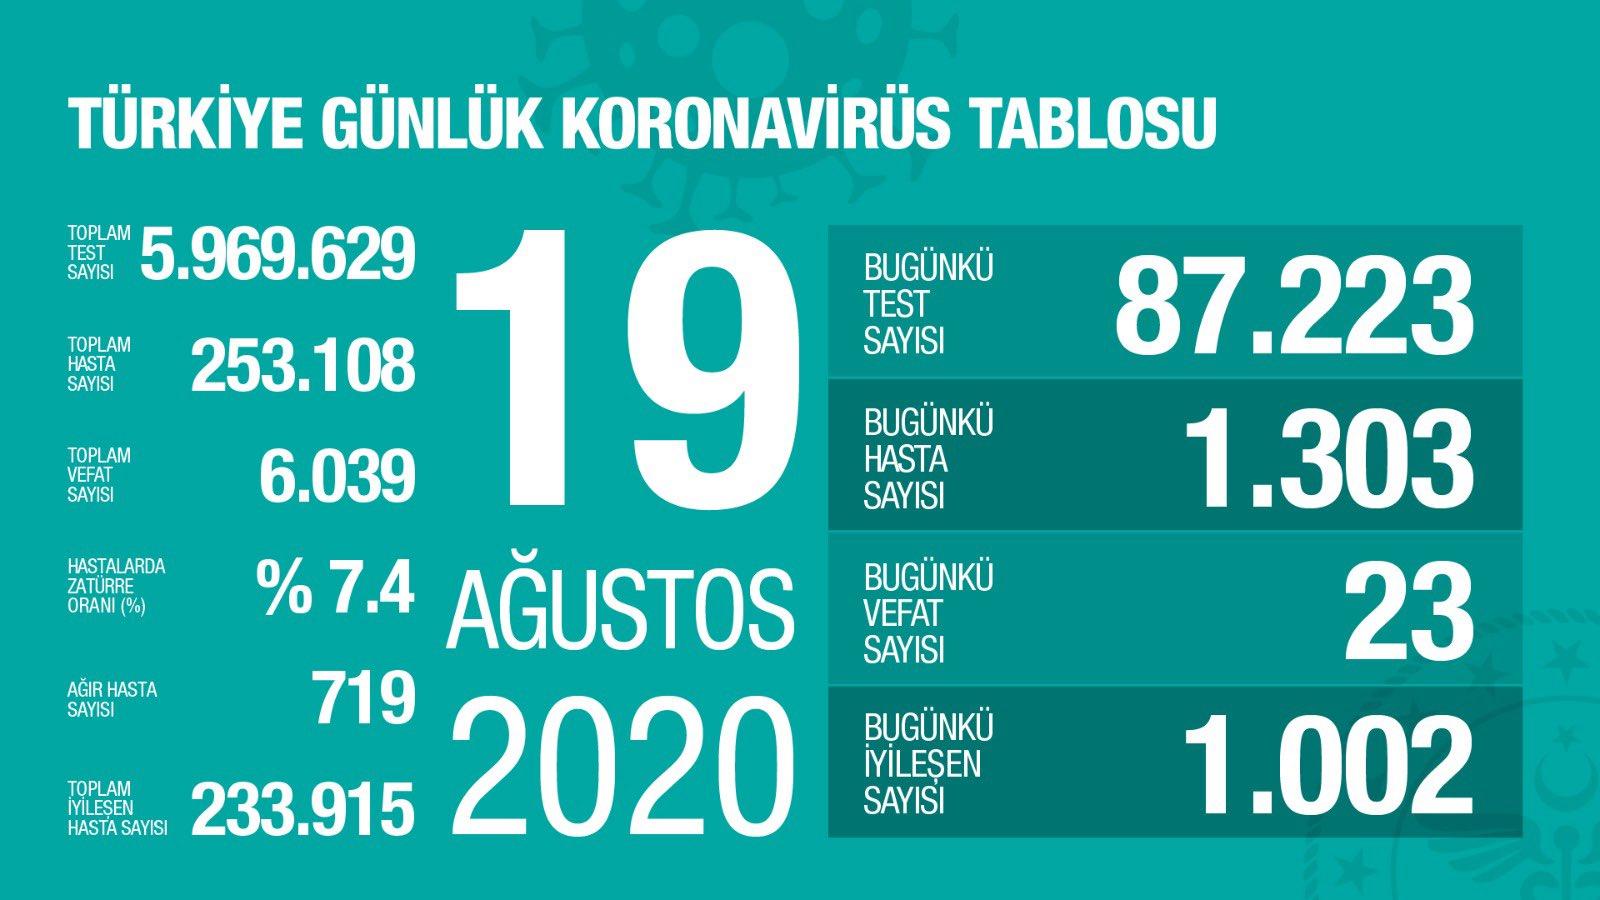 Koronavirüs'te vaka sayısı 1 300'ün üstüne çıktı